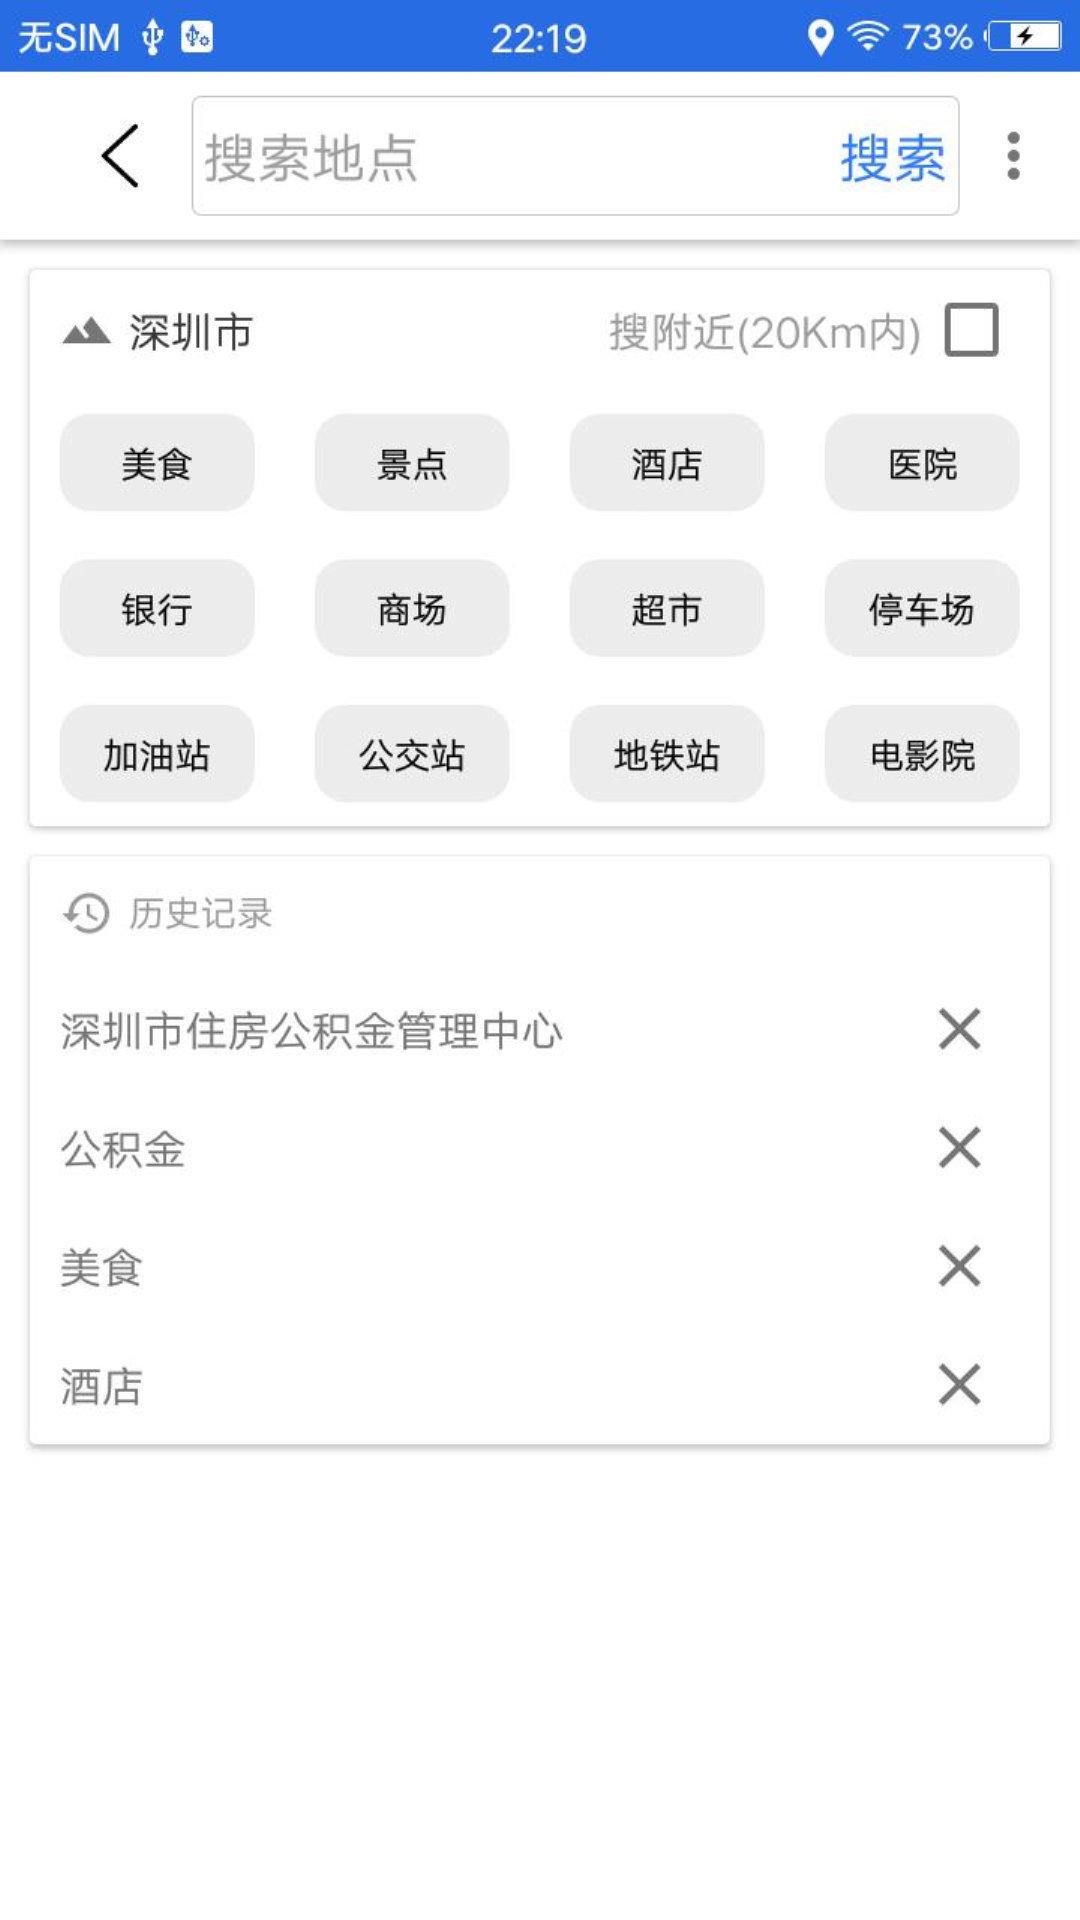 北斗三号手机定位手机软件app截图